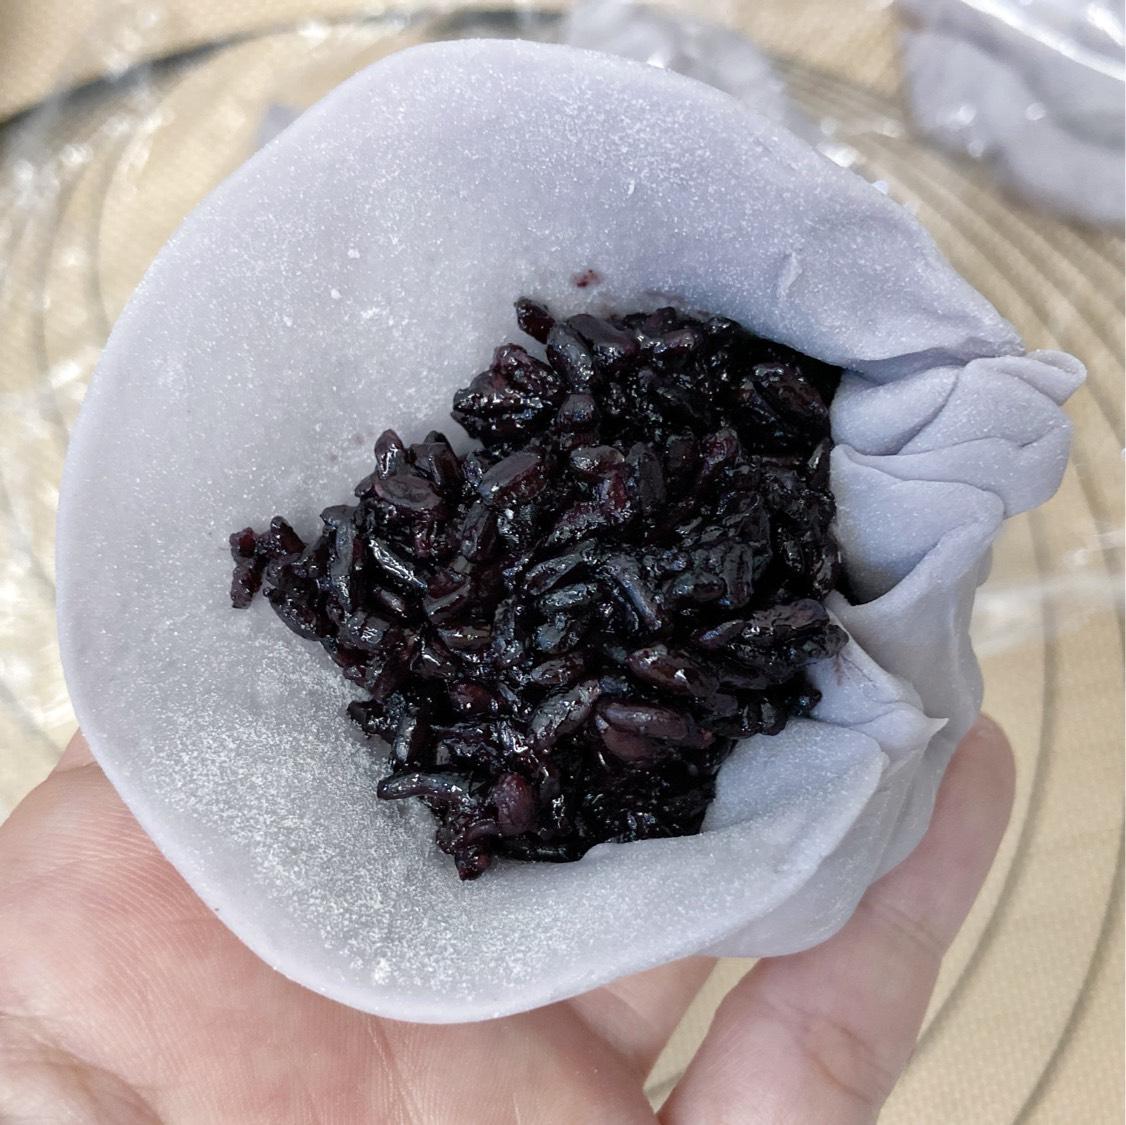 将紫米放入面团中包好,收口朝下